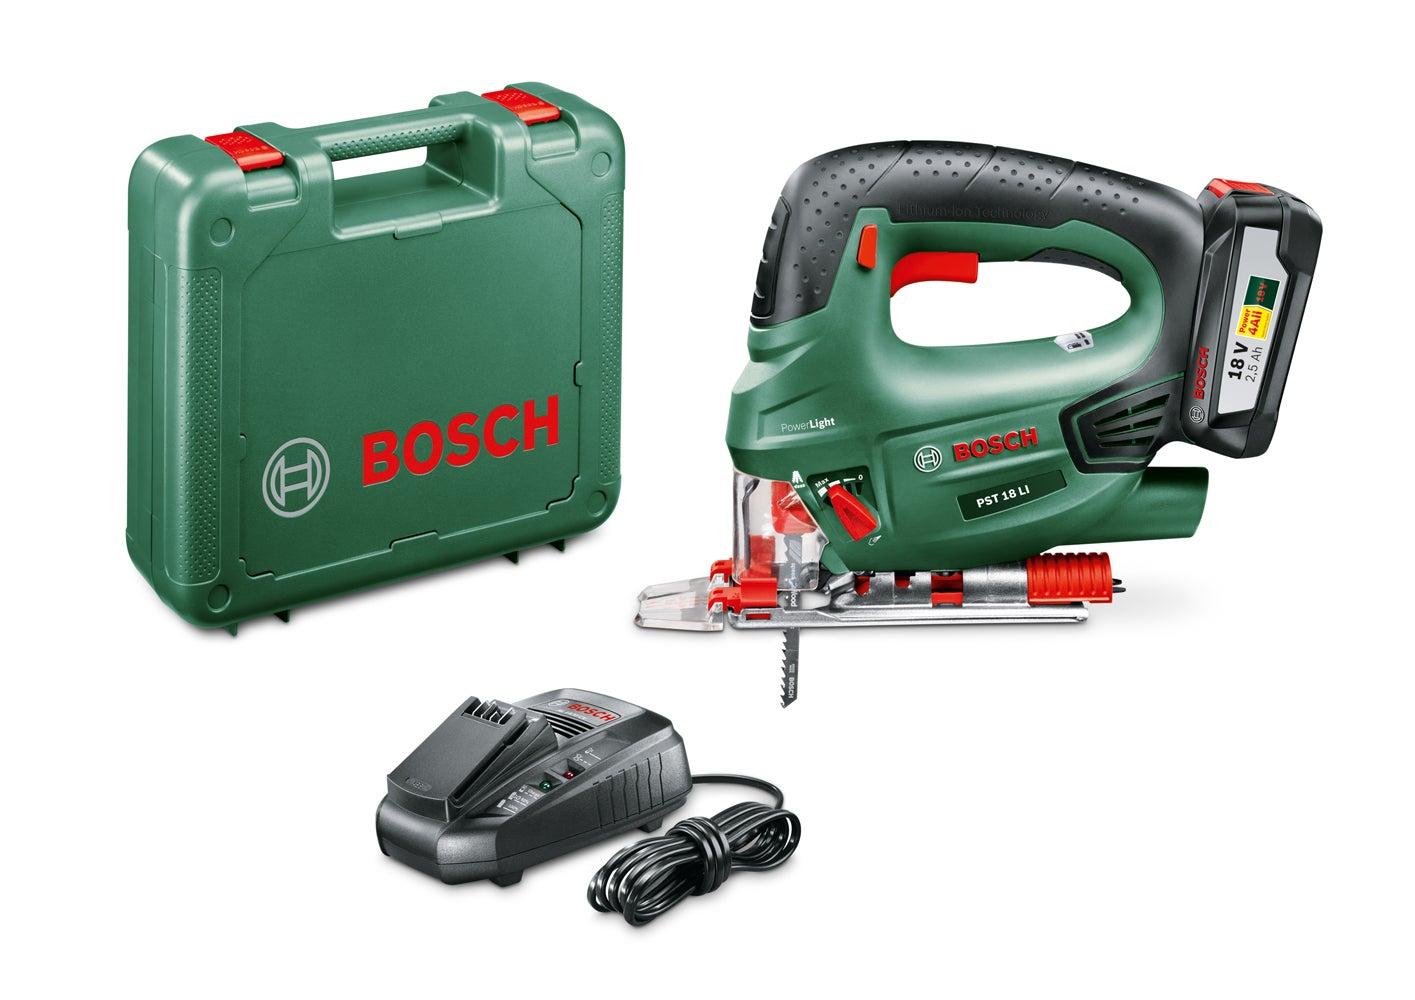 Bosch Batterie-scie sauteuse pst 18 Li dans le carton sans batterie//chargeur